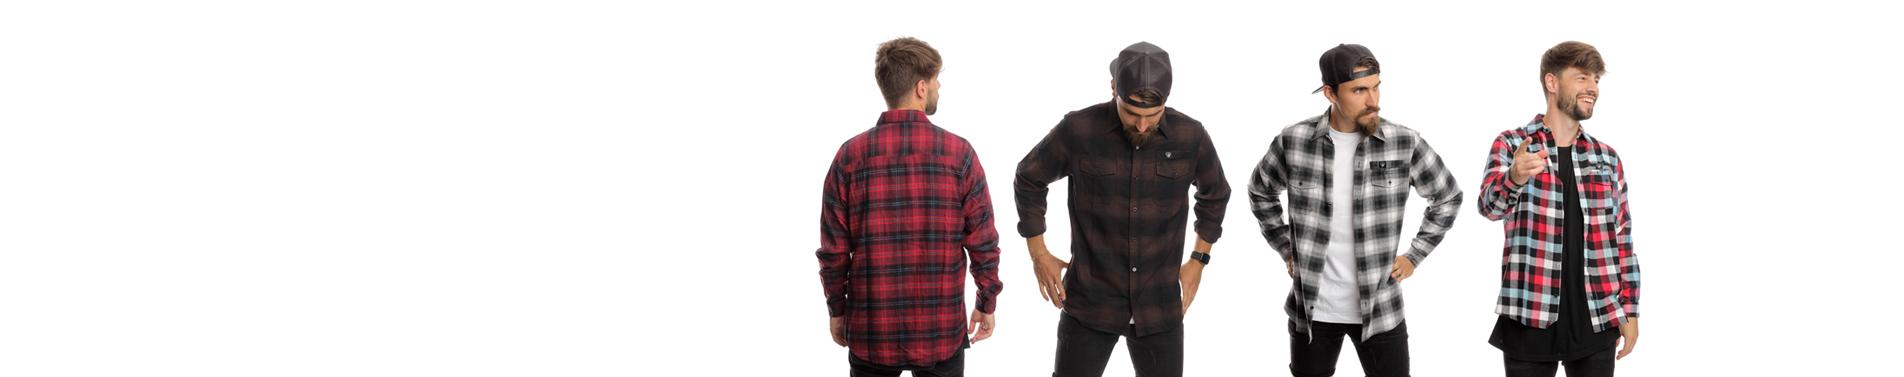 Nová kolekce pánských flanelových košil Represent